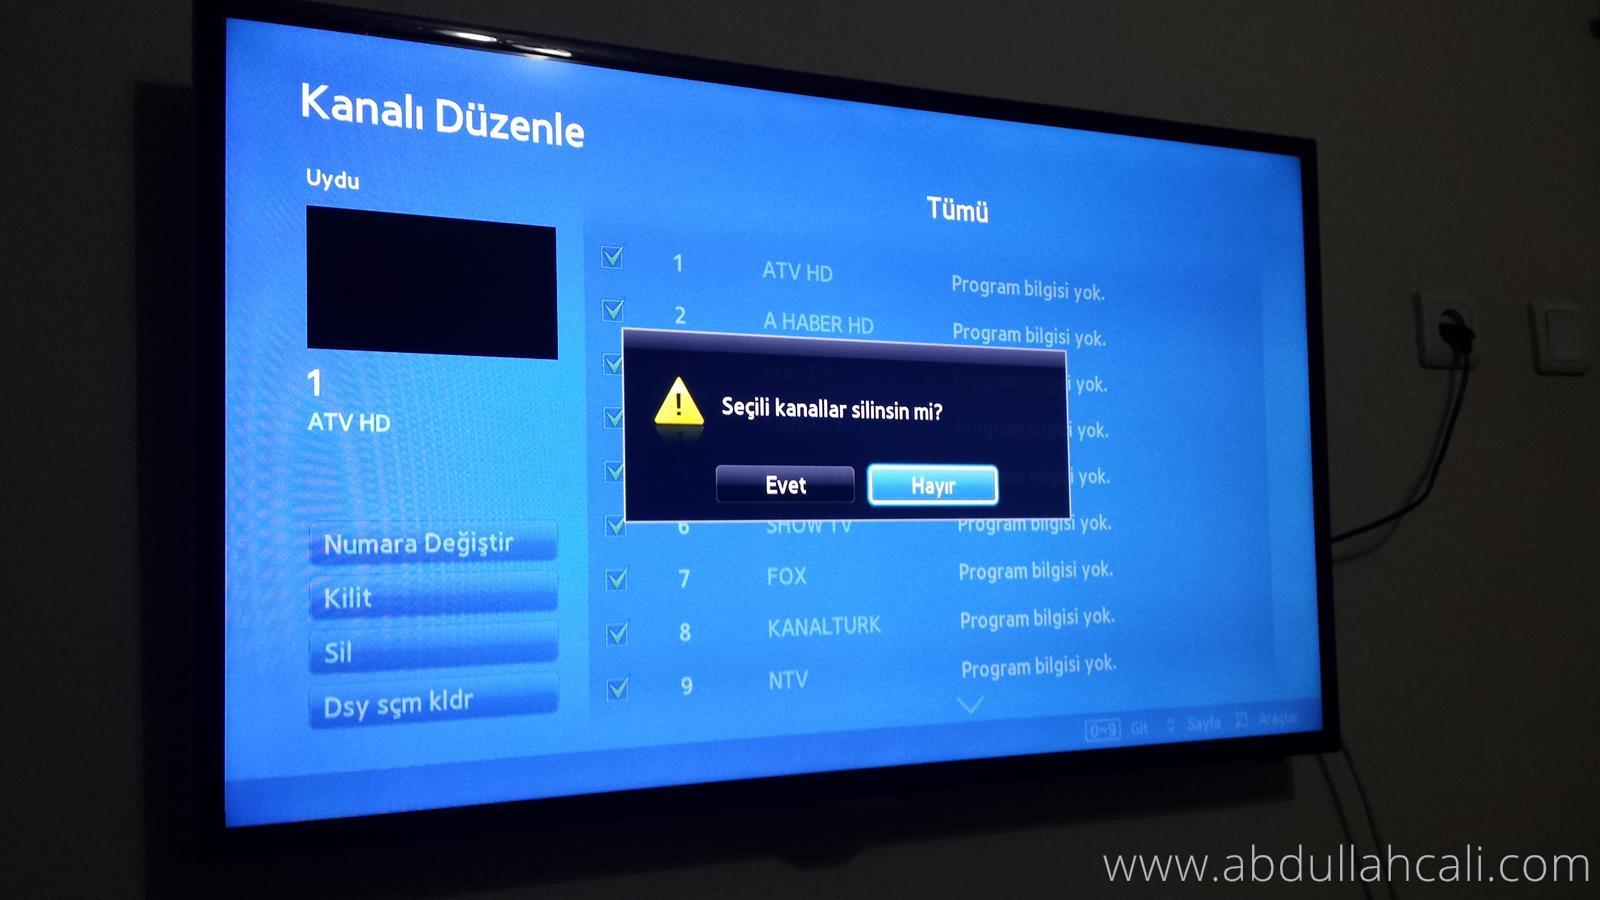 uydu2  Uydu Kanalları Geri Getirme, Uydu Kanalları Düzeltme ve Güncelleme Türksat 4A uydu2